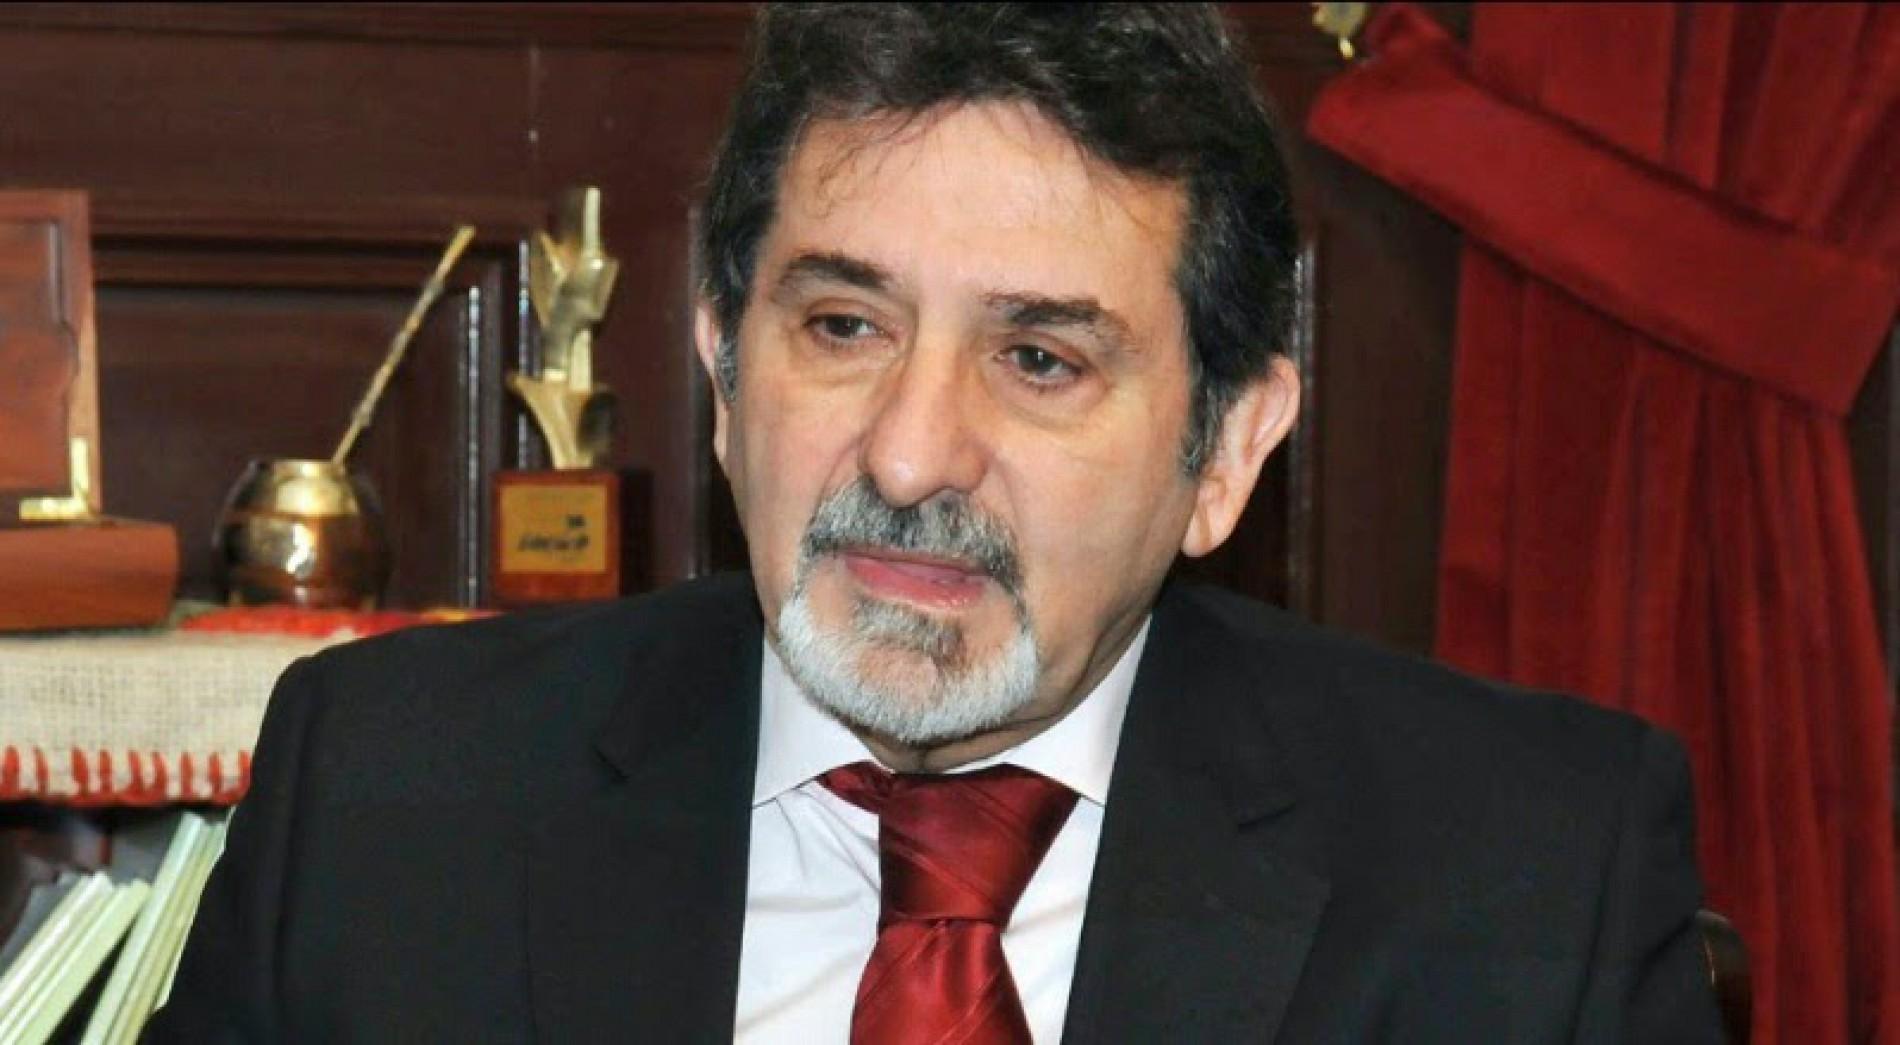 Acuerdo de cooperación de la C.S.J.N. con Fundejus